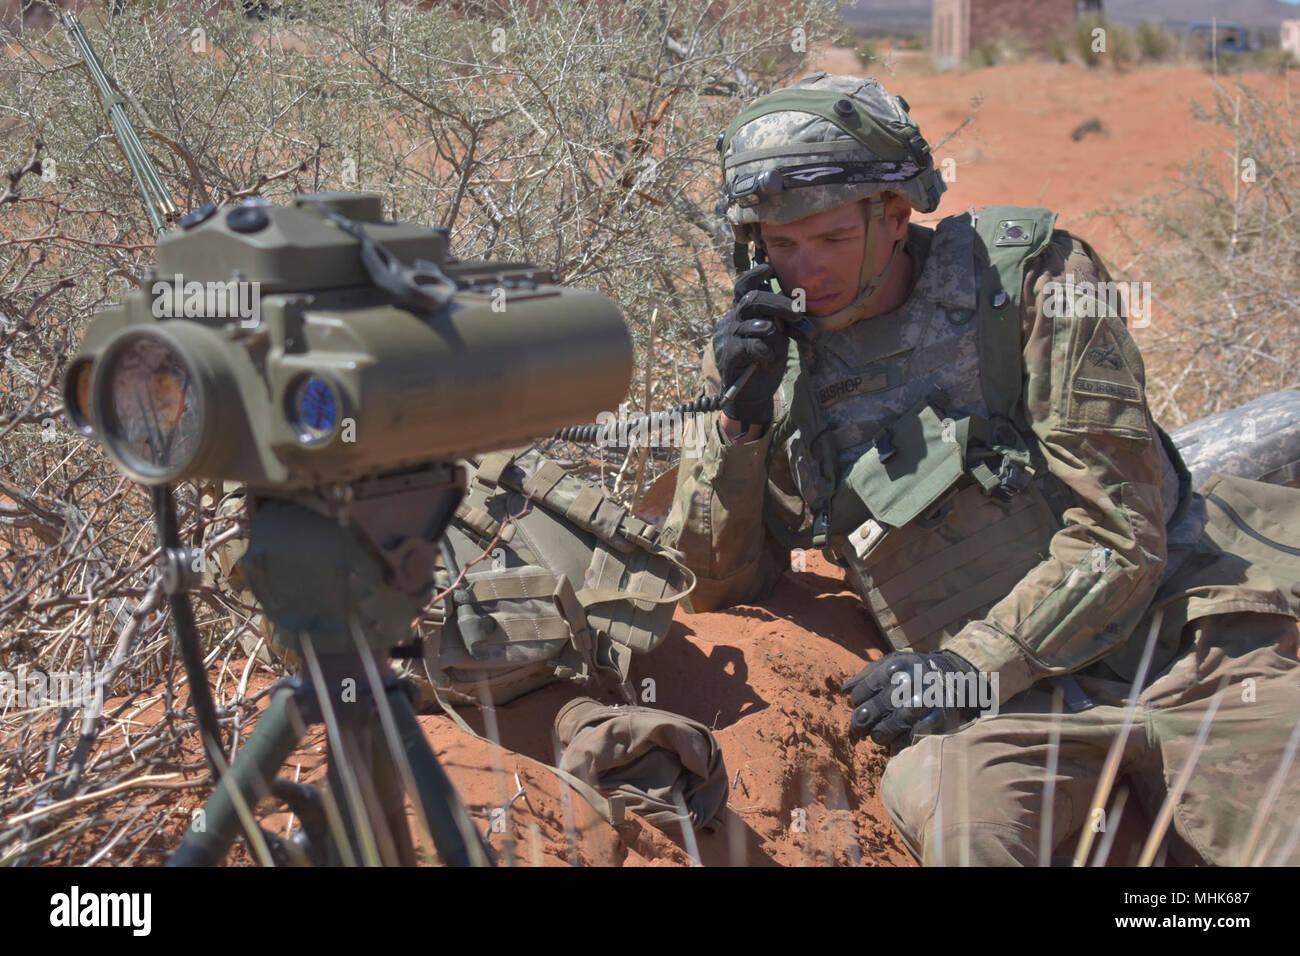 Entfernungsmesser Us Army : Pfc. kaleb bischof ein brand support specialist mit 2. akku 3